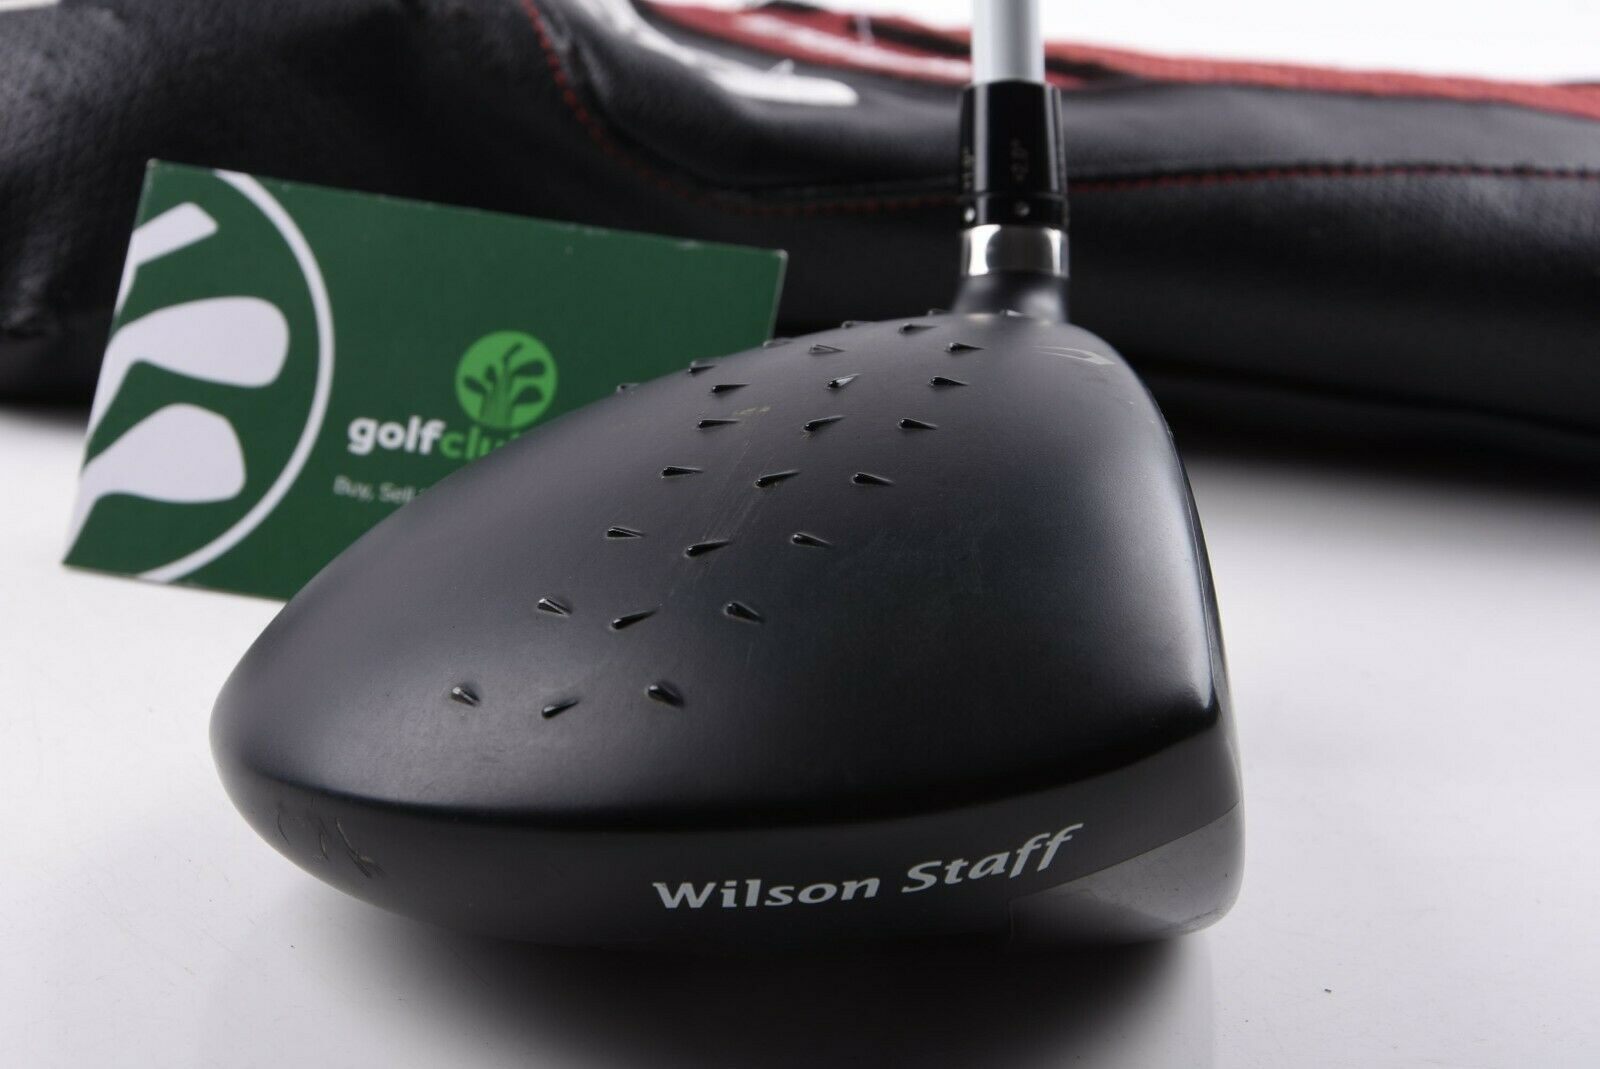 WILSON STAFF D300 DRIVER / 10.5° / STIFF FLEX FUJIKURA SHAFT ...